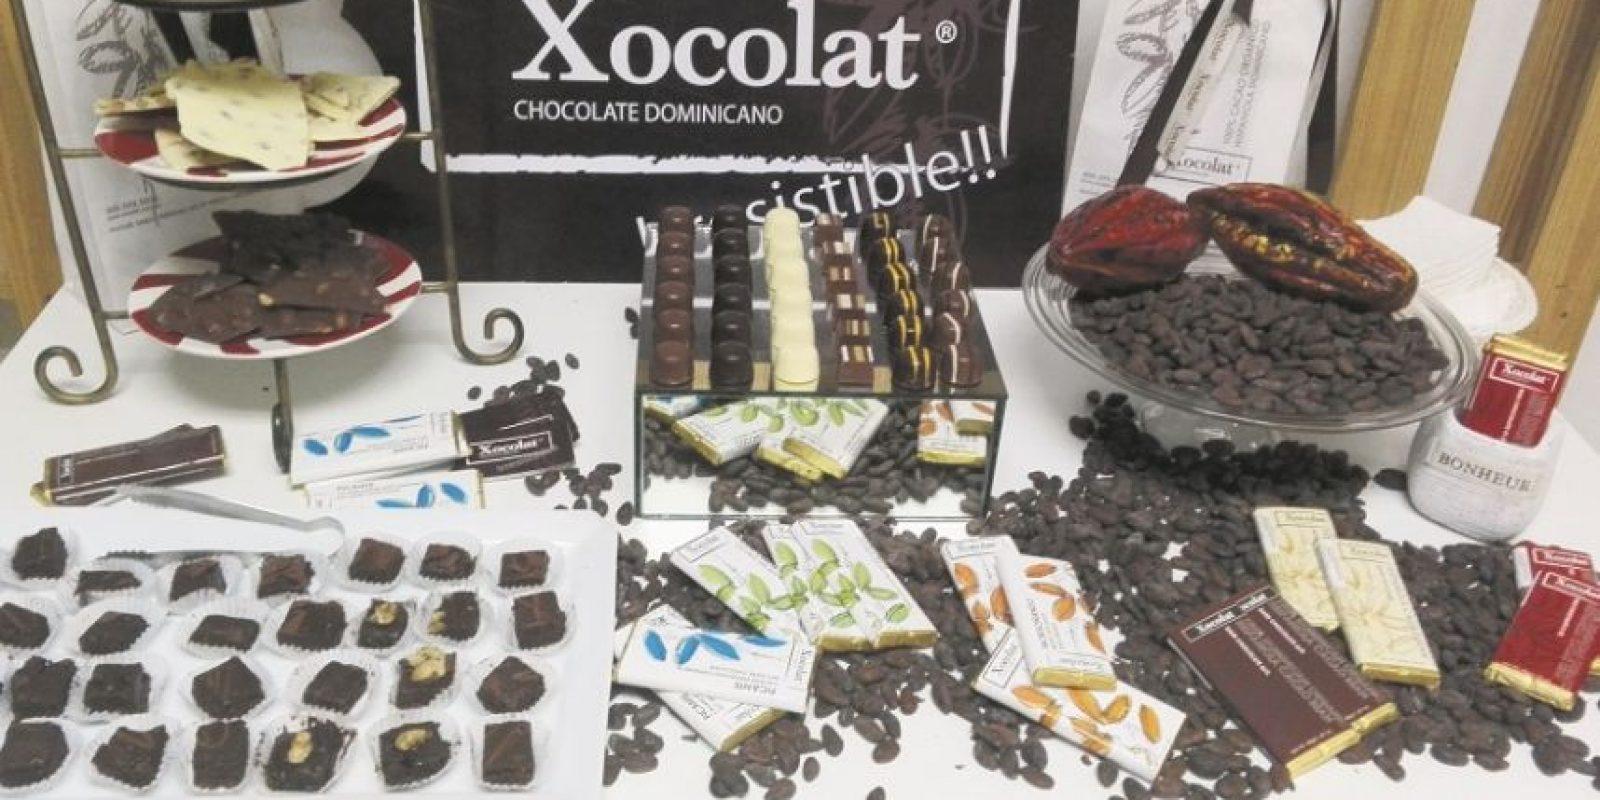 Xocolat promueve el consumo de chocolate artesanal elaborado con el mejor cacao orgánico. Foto:FUENTE EXTERNA